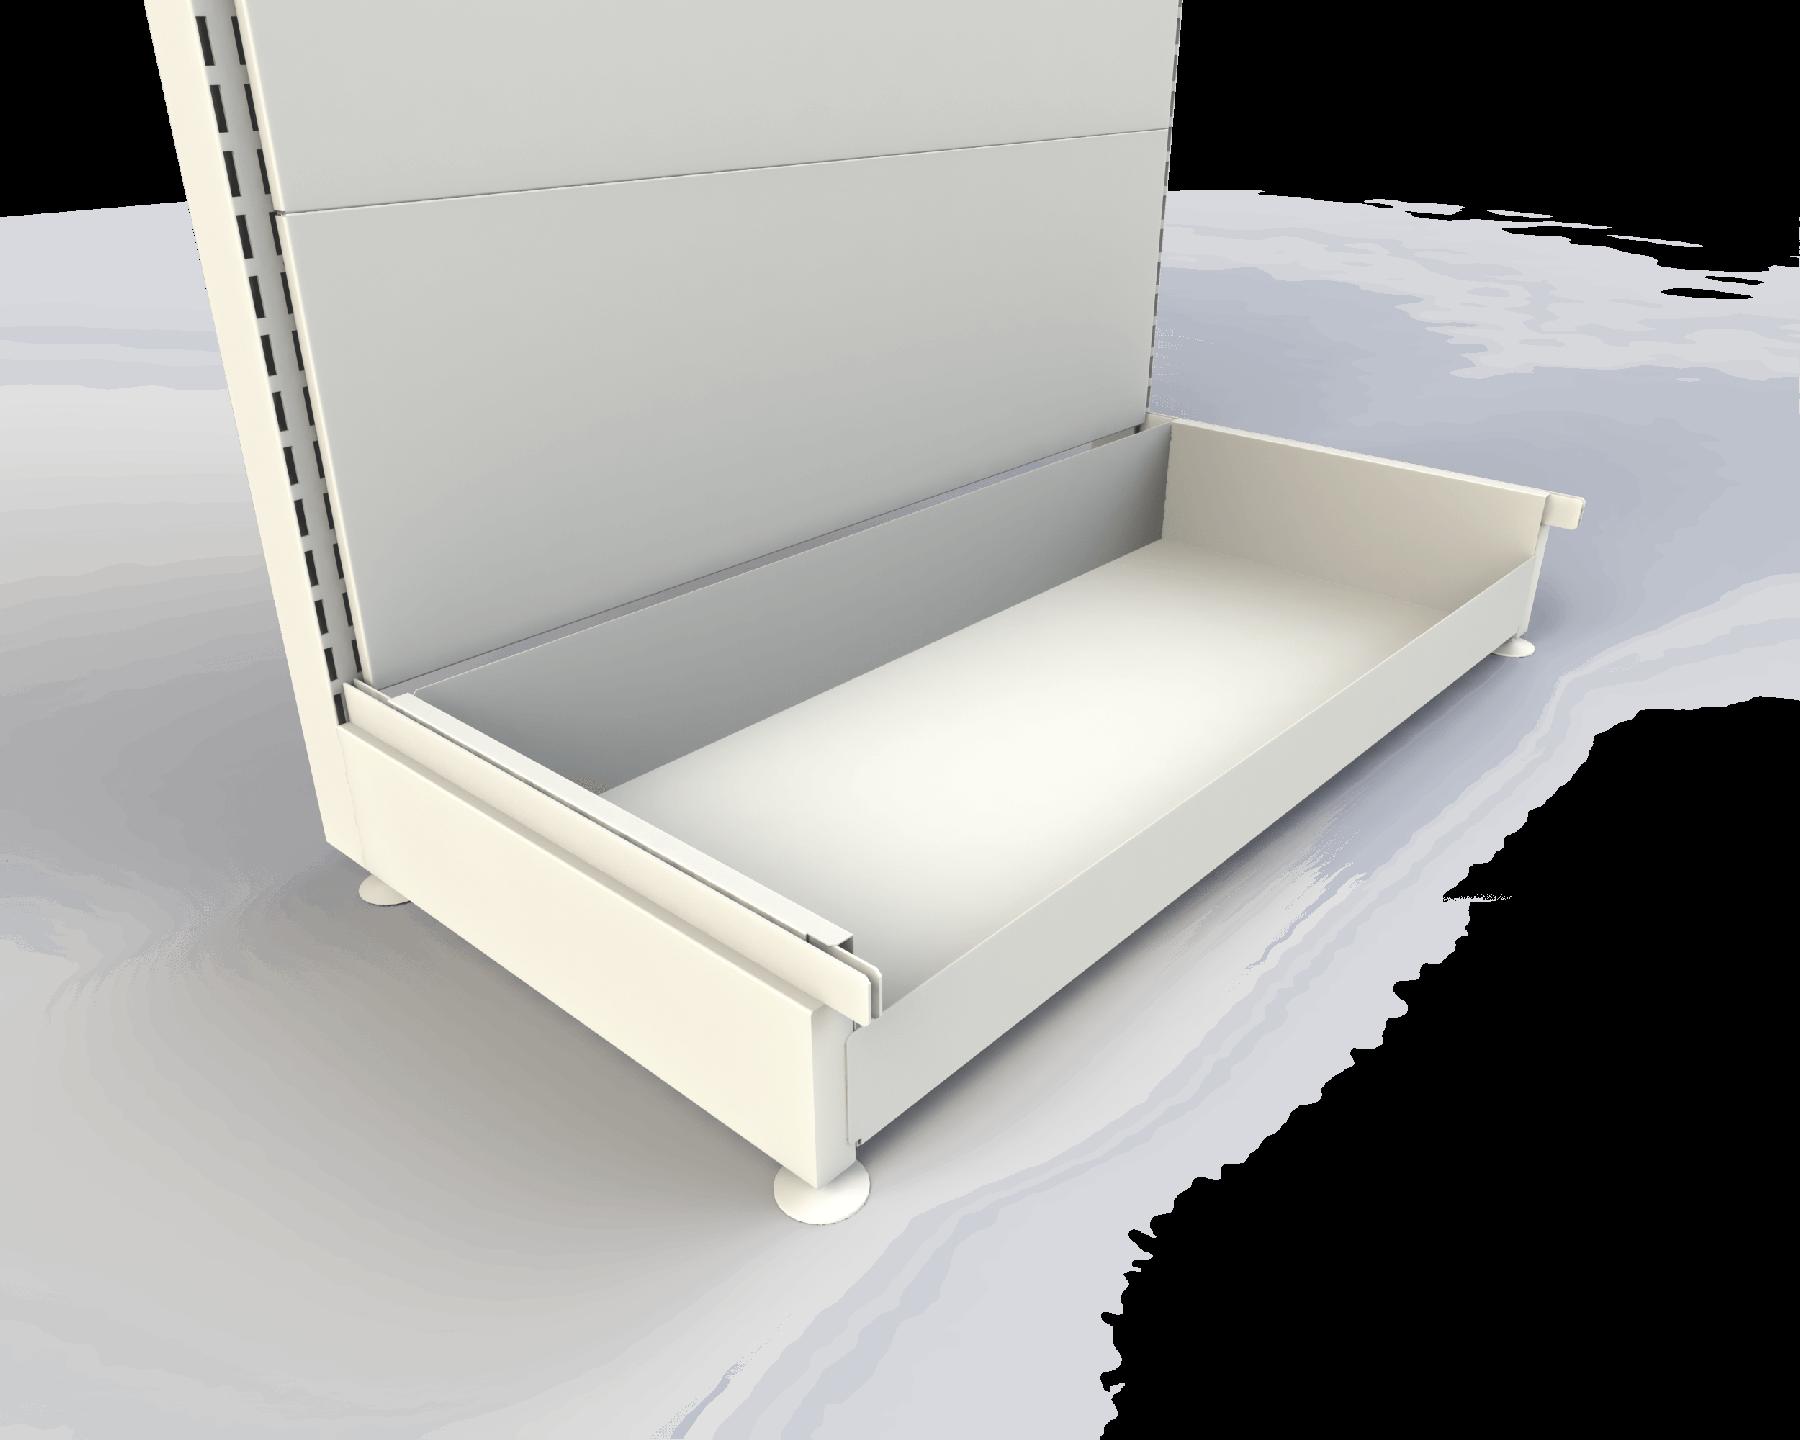 Bartuf inverted base tray